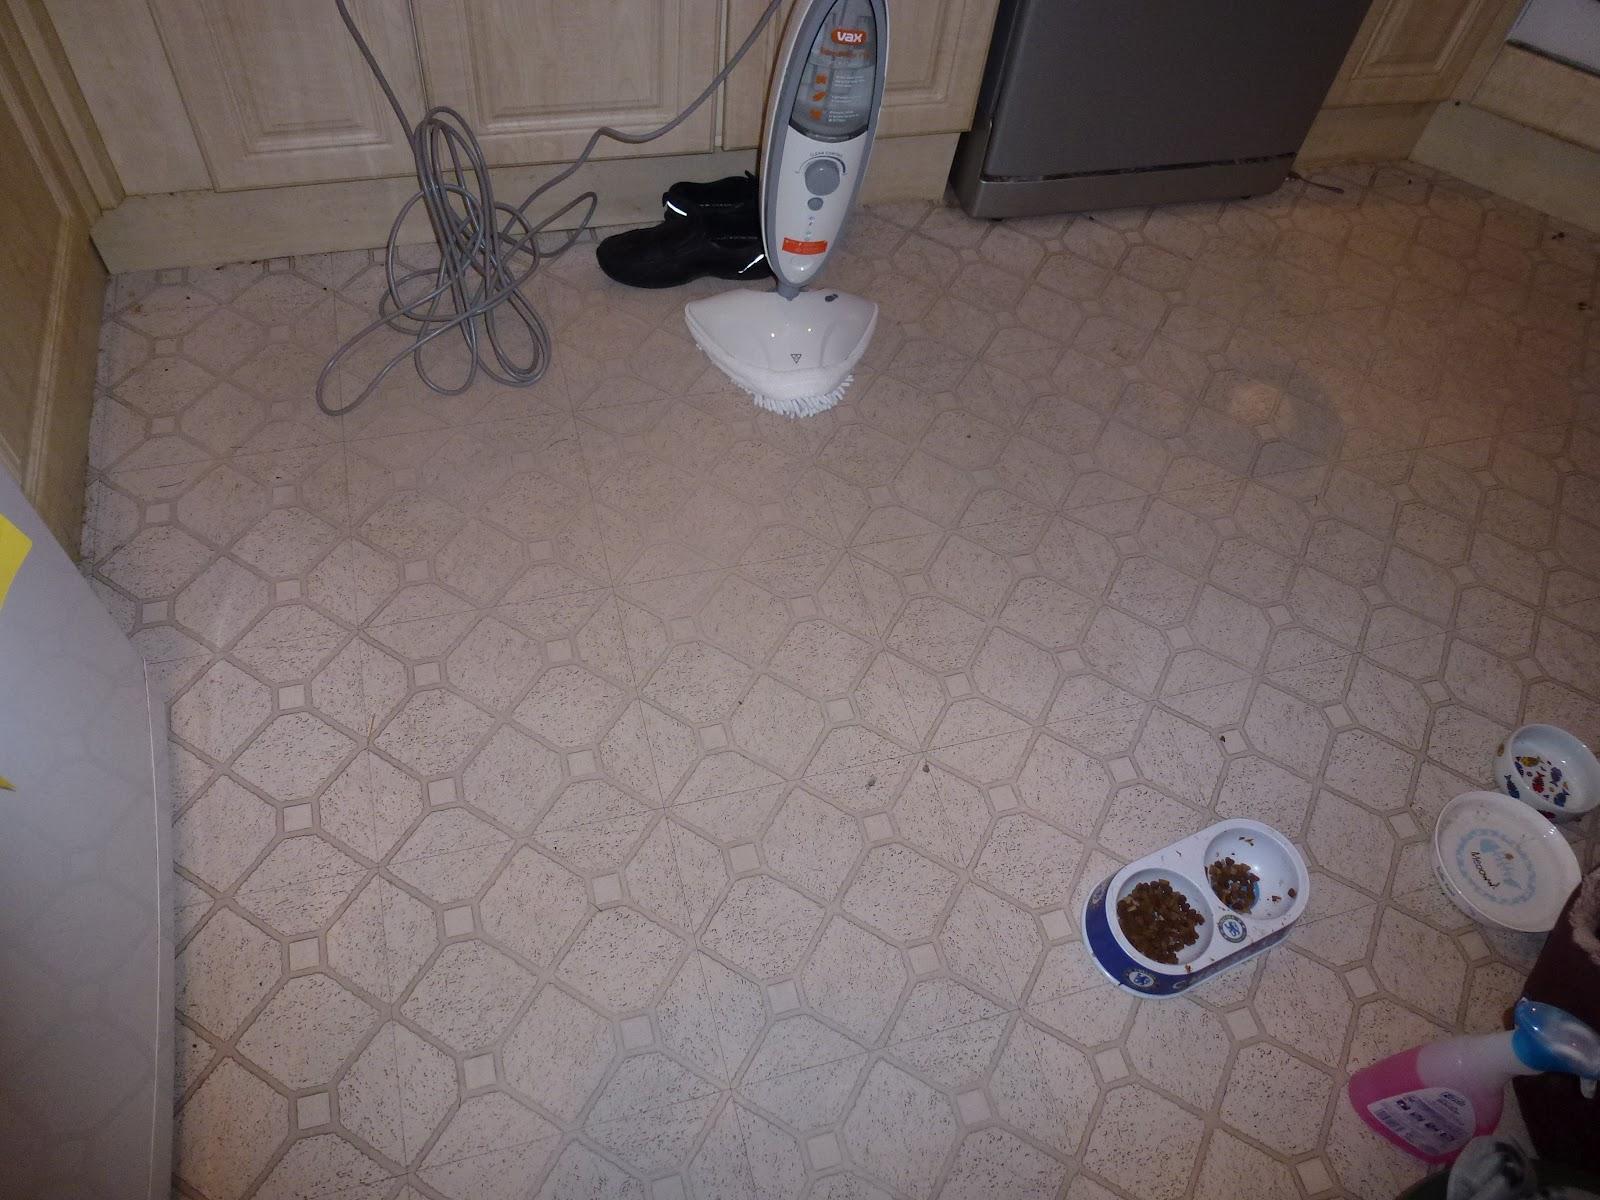 Life Ninja Killer Cat and Everything Else  Vax S2ST Bare Floor Pro steam cleaner